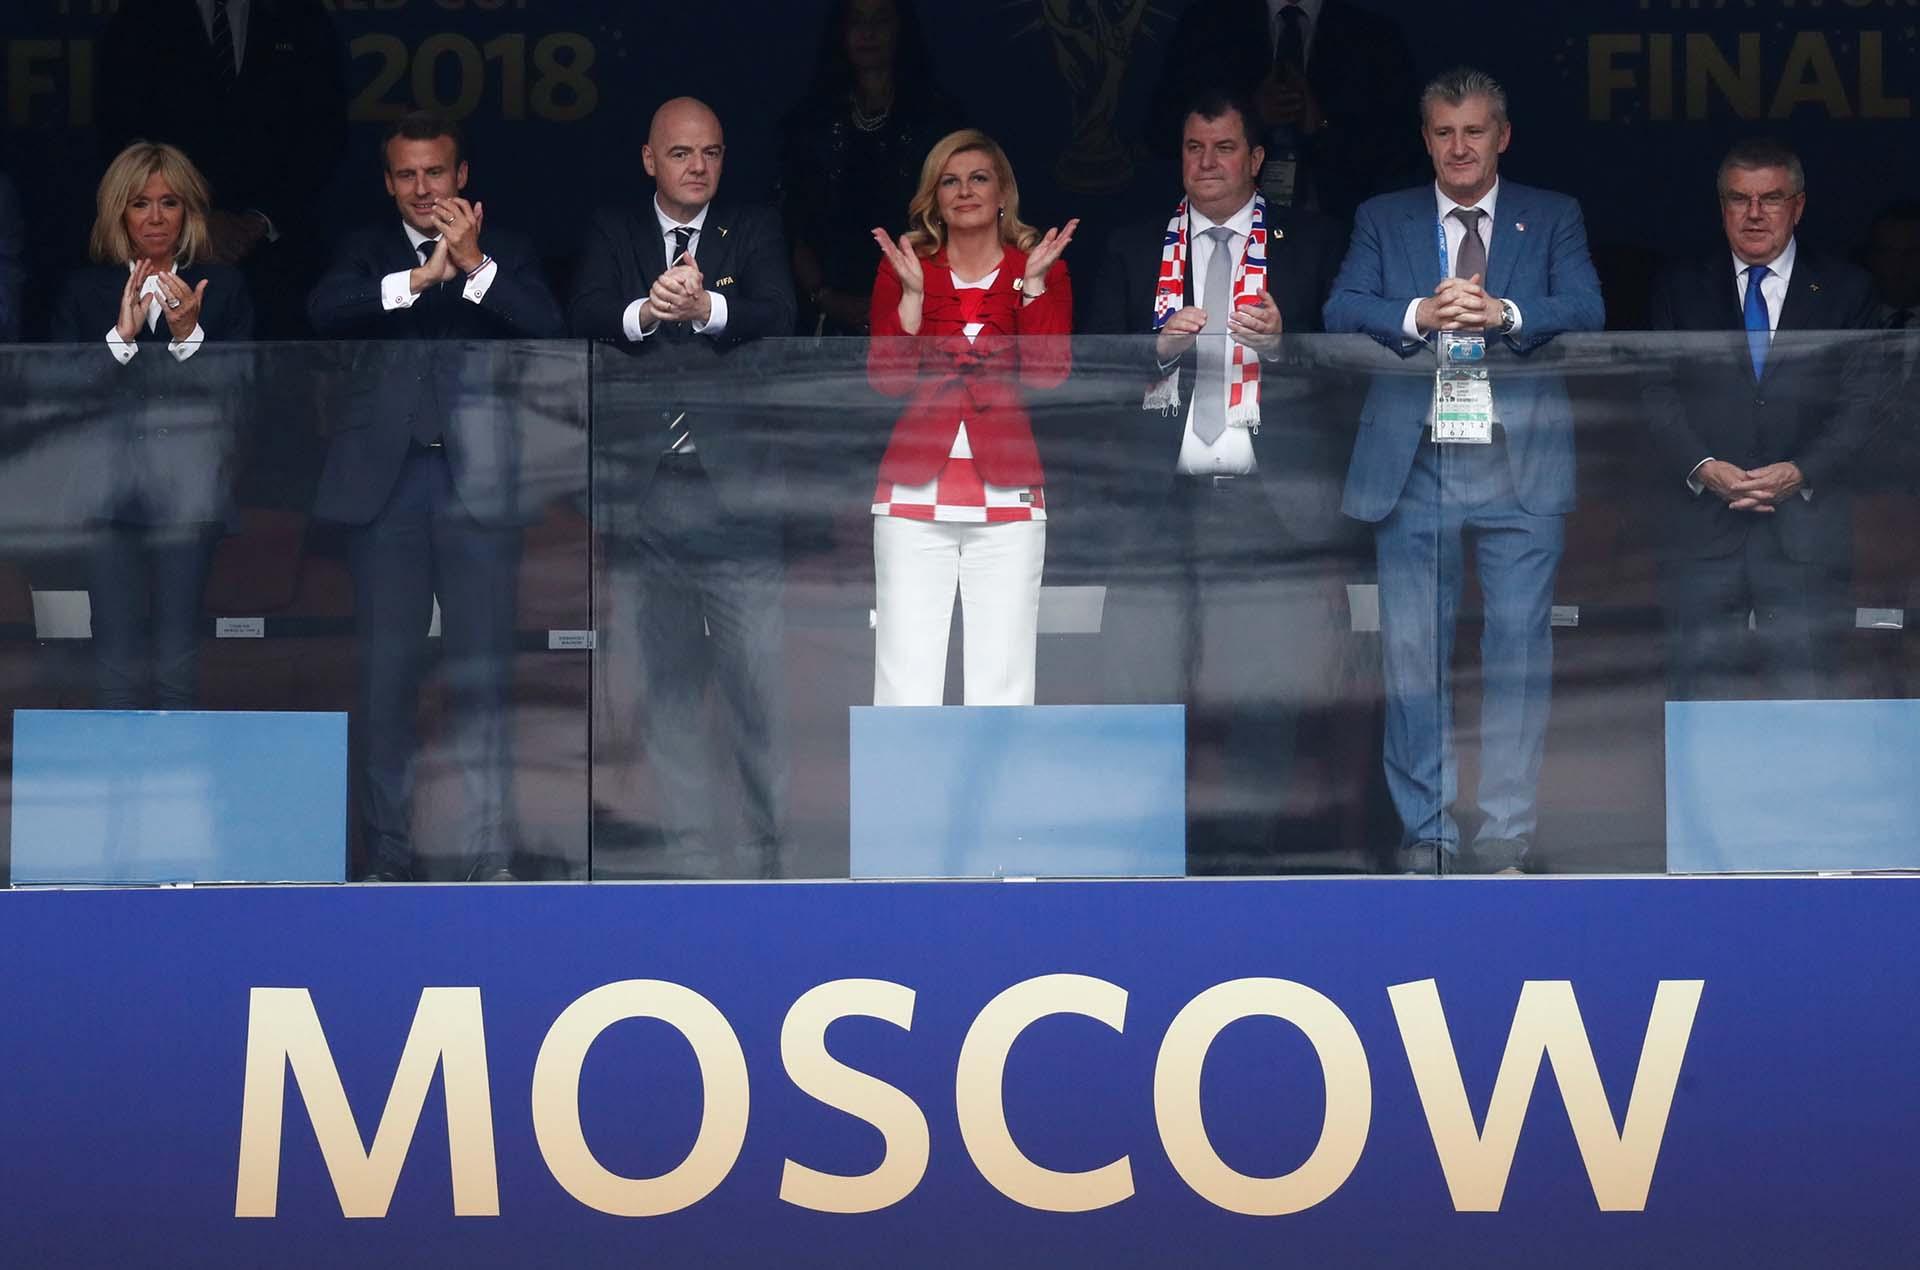 MUNDIAL DE FUTBOL RUSIA 2018, NOTÍCIAS Y CURIOSIDADES - Página 7 Final-Mundial-Rusia-2018-Francia-Croacia-62